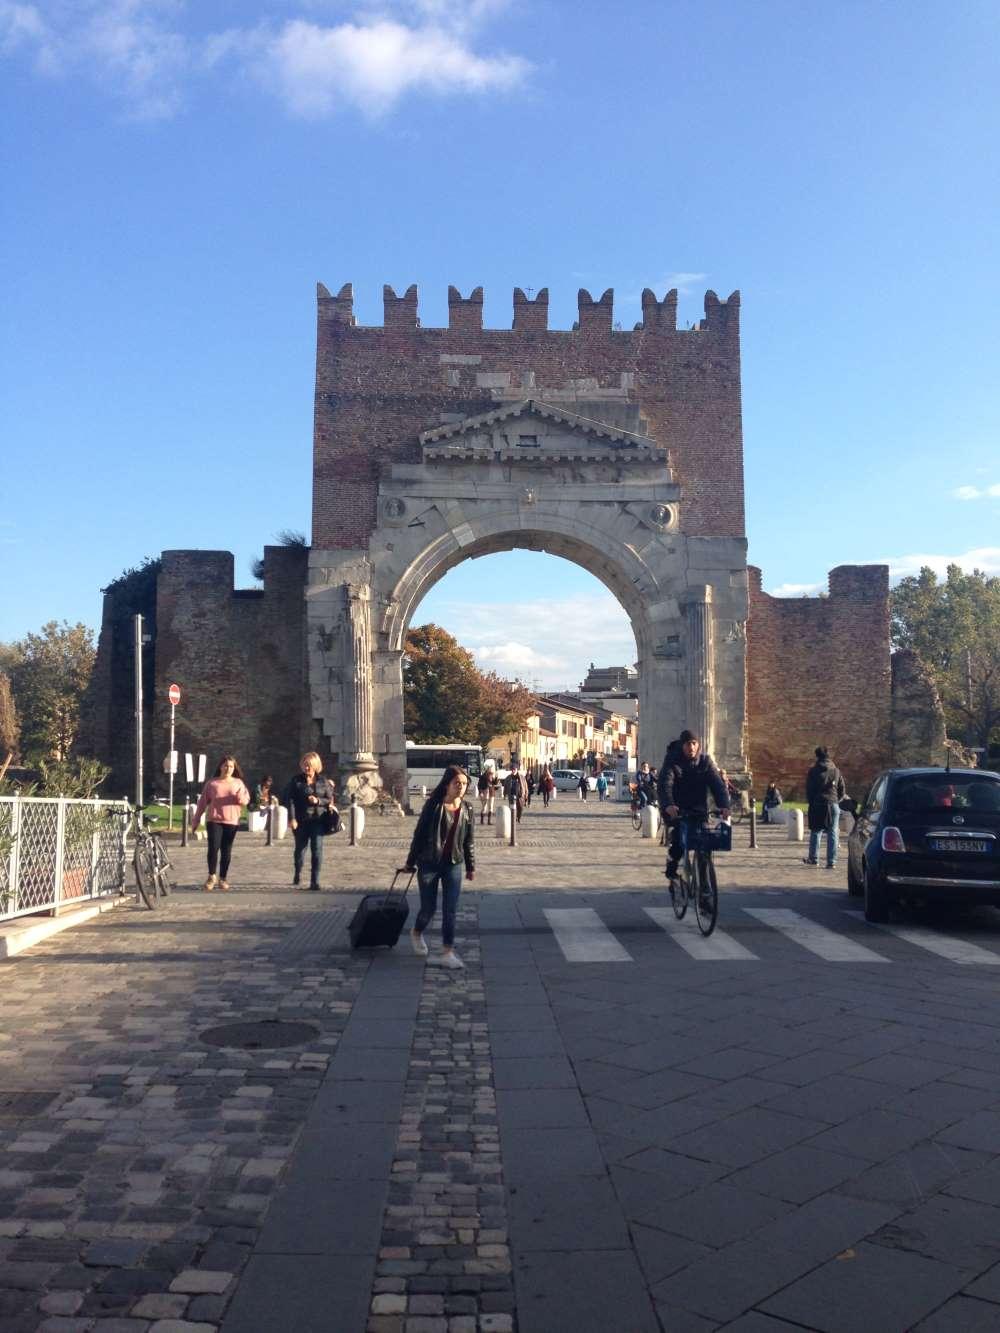 фото Арки Августа в Римини